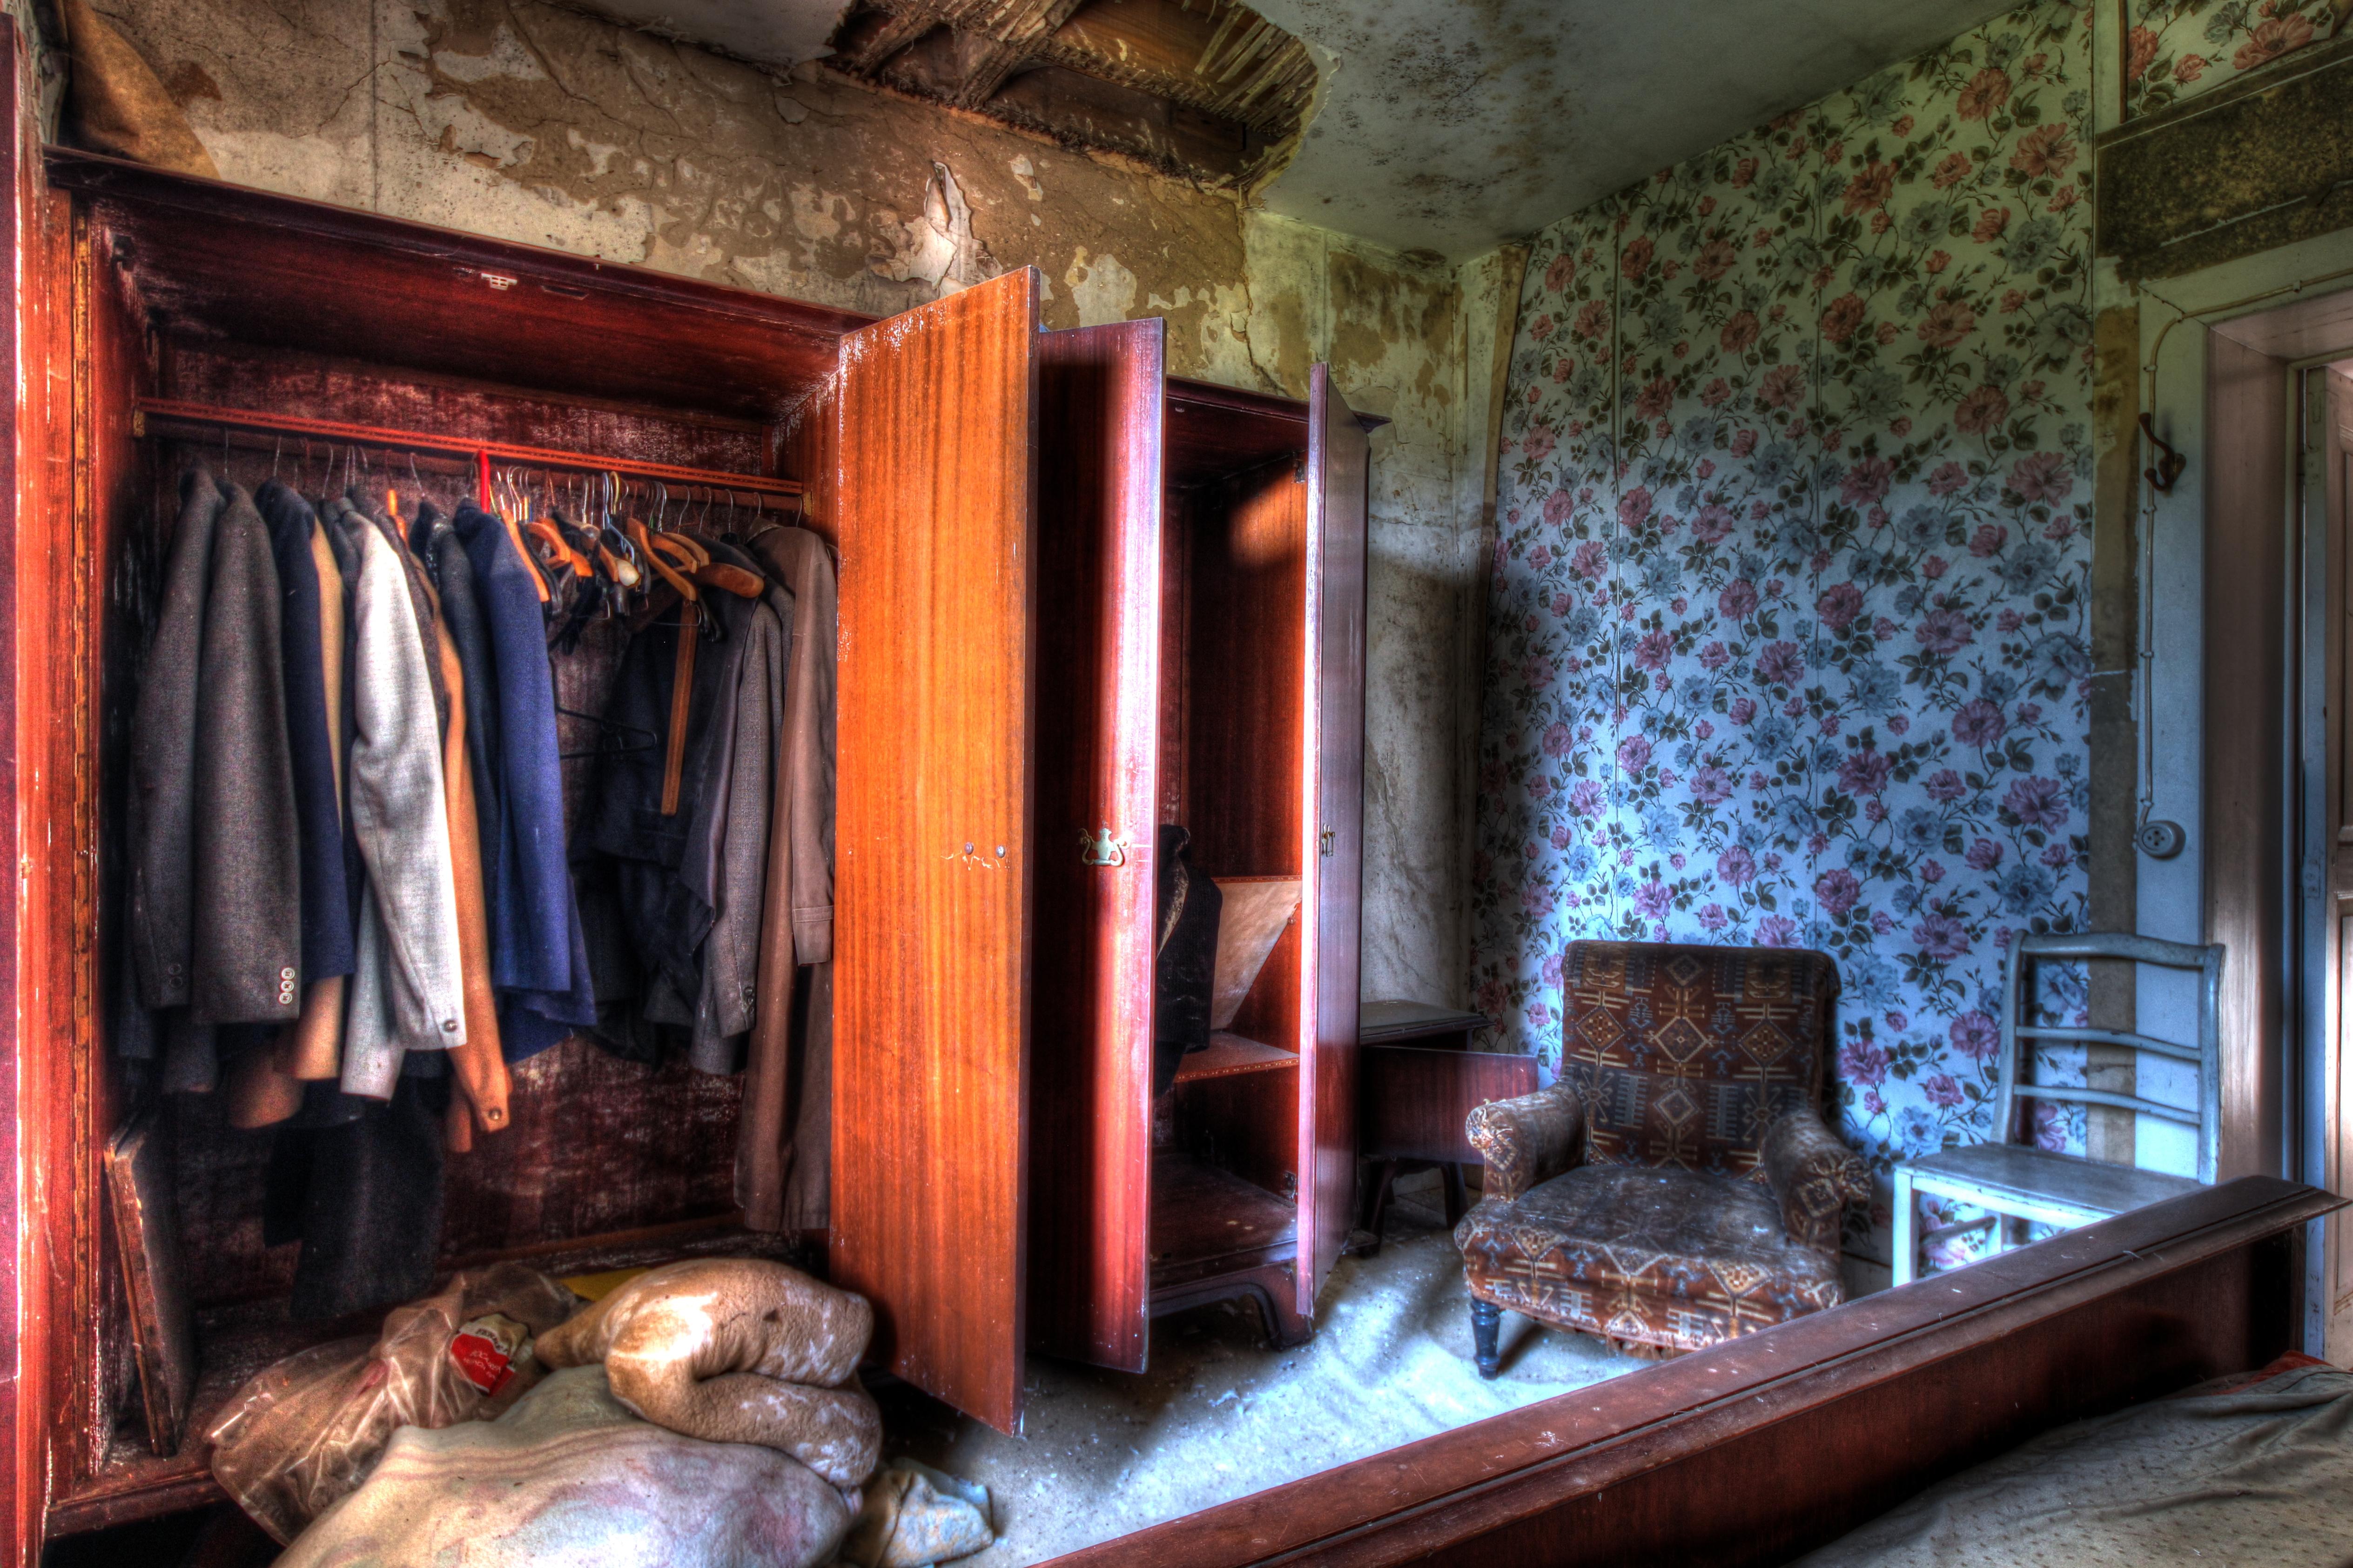 Hintergrundbilder : alt, Fenster, städtisch, Zimmer, verlassen, Holz ...